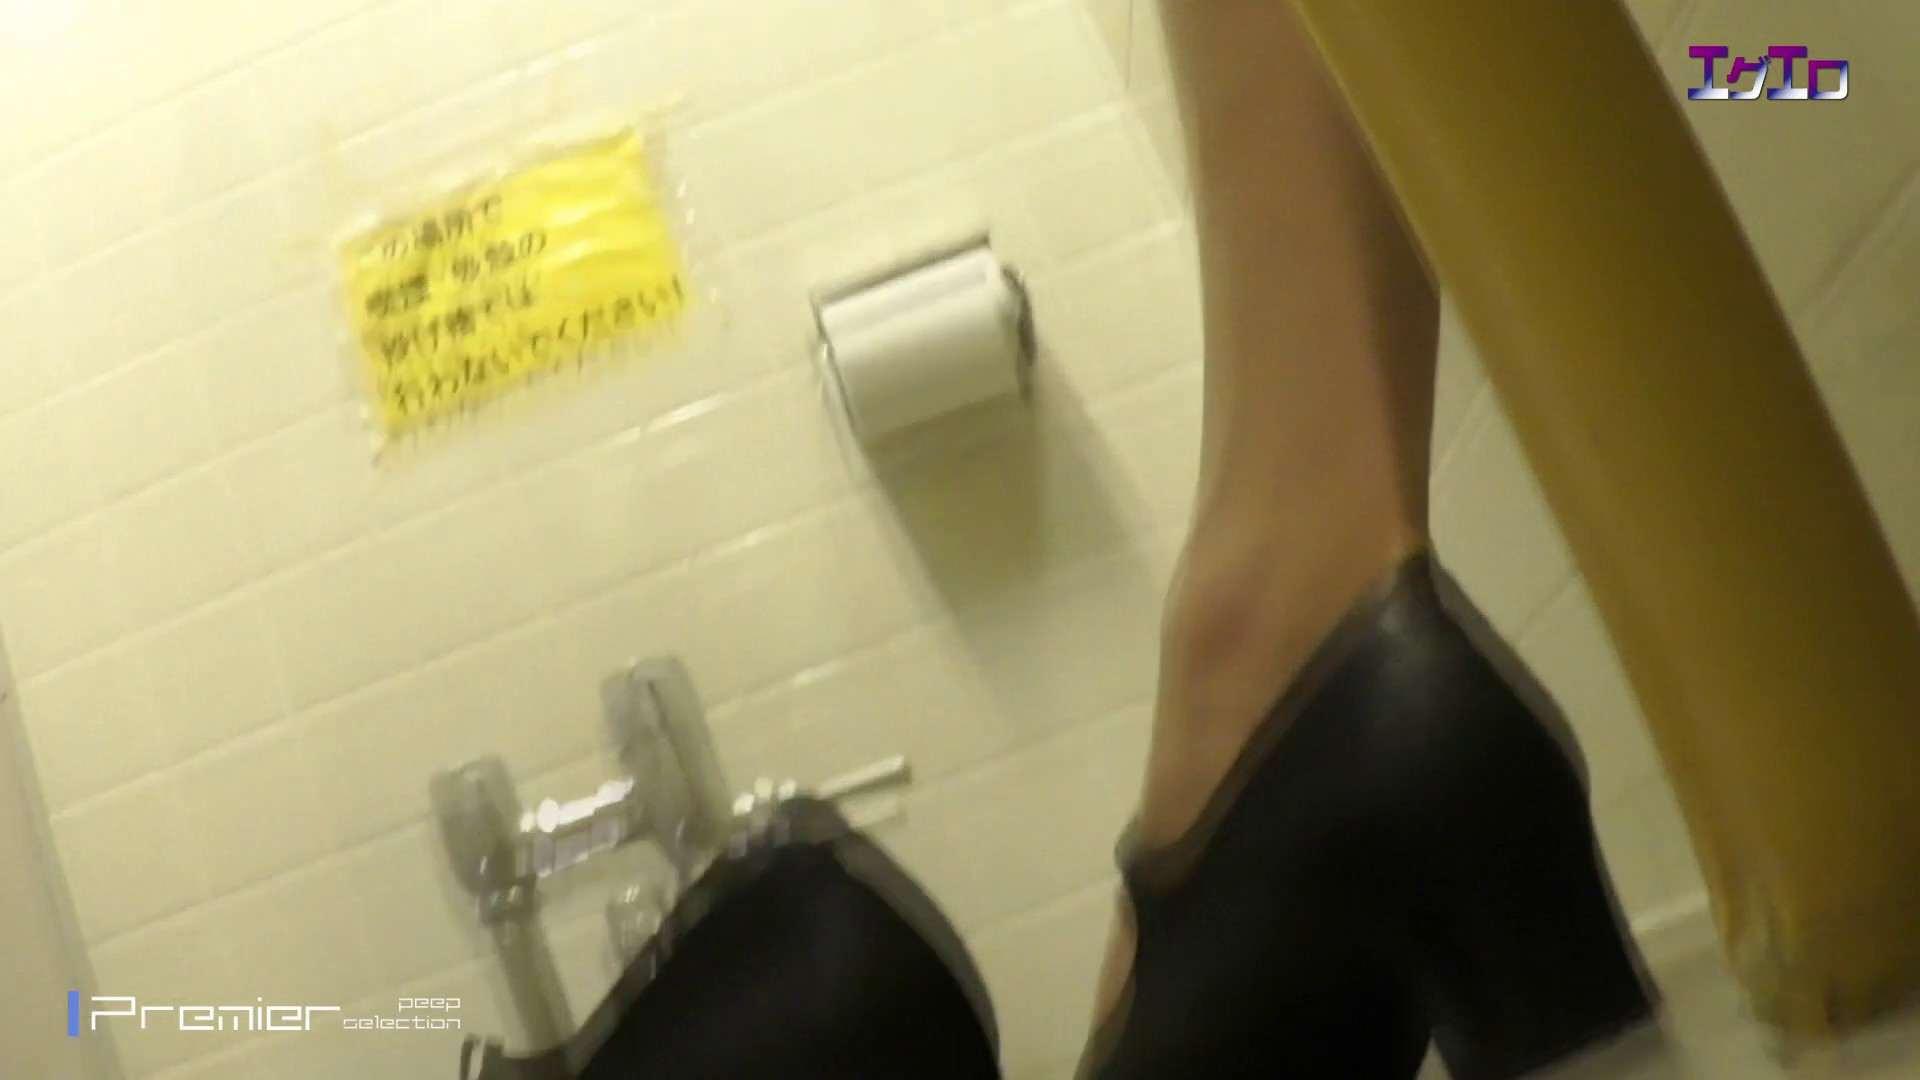 執念の撮影&追撮!!某女子校の通学路にあるトイレ 至近距離洗面所 Vol.16 洗面所 | トイレ盗撮  58pic 46